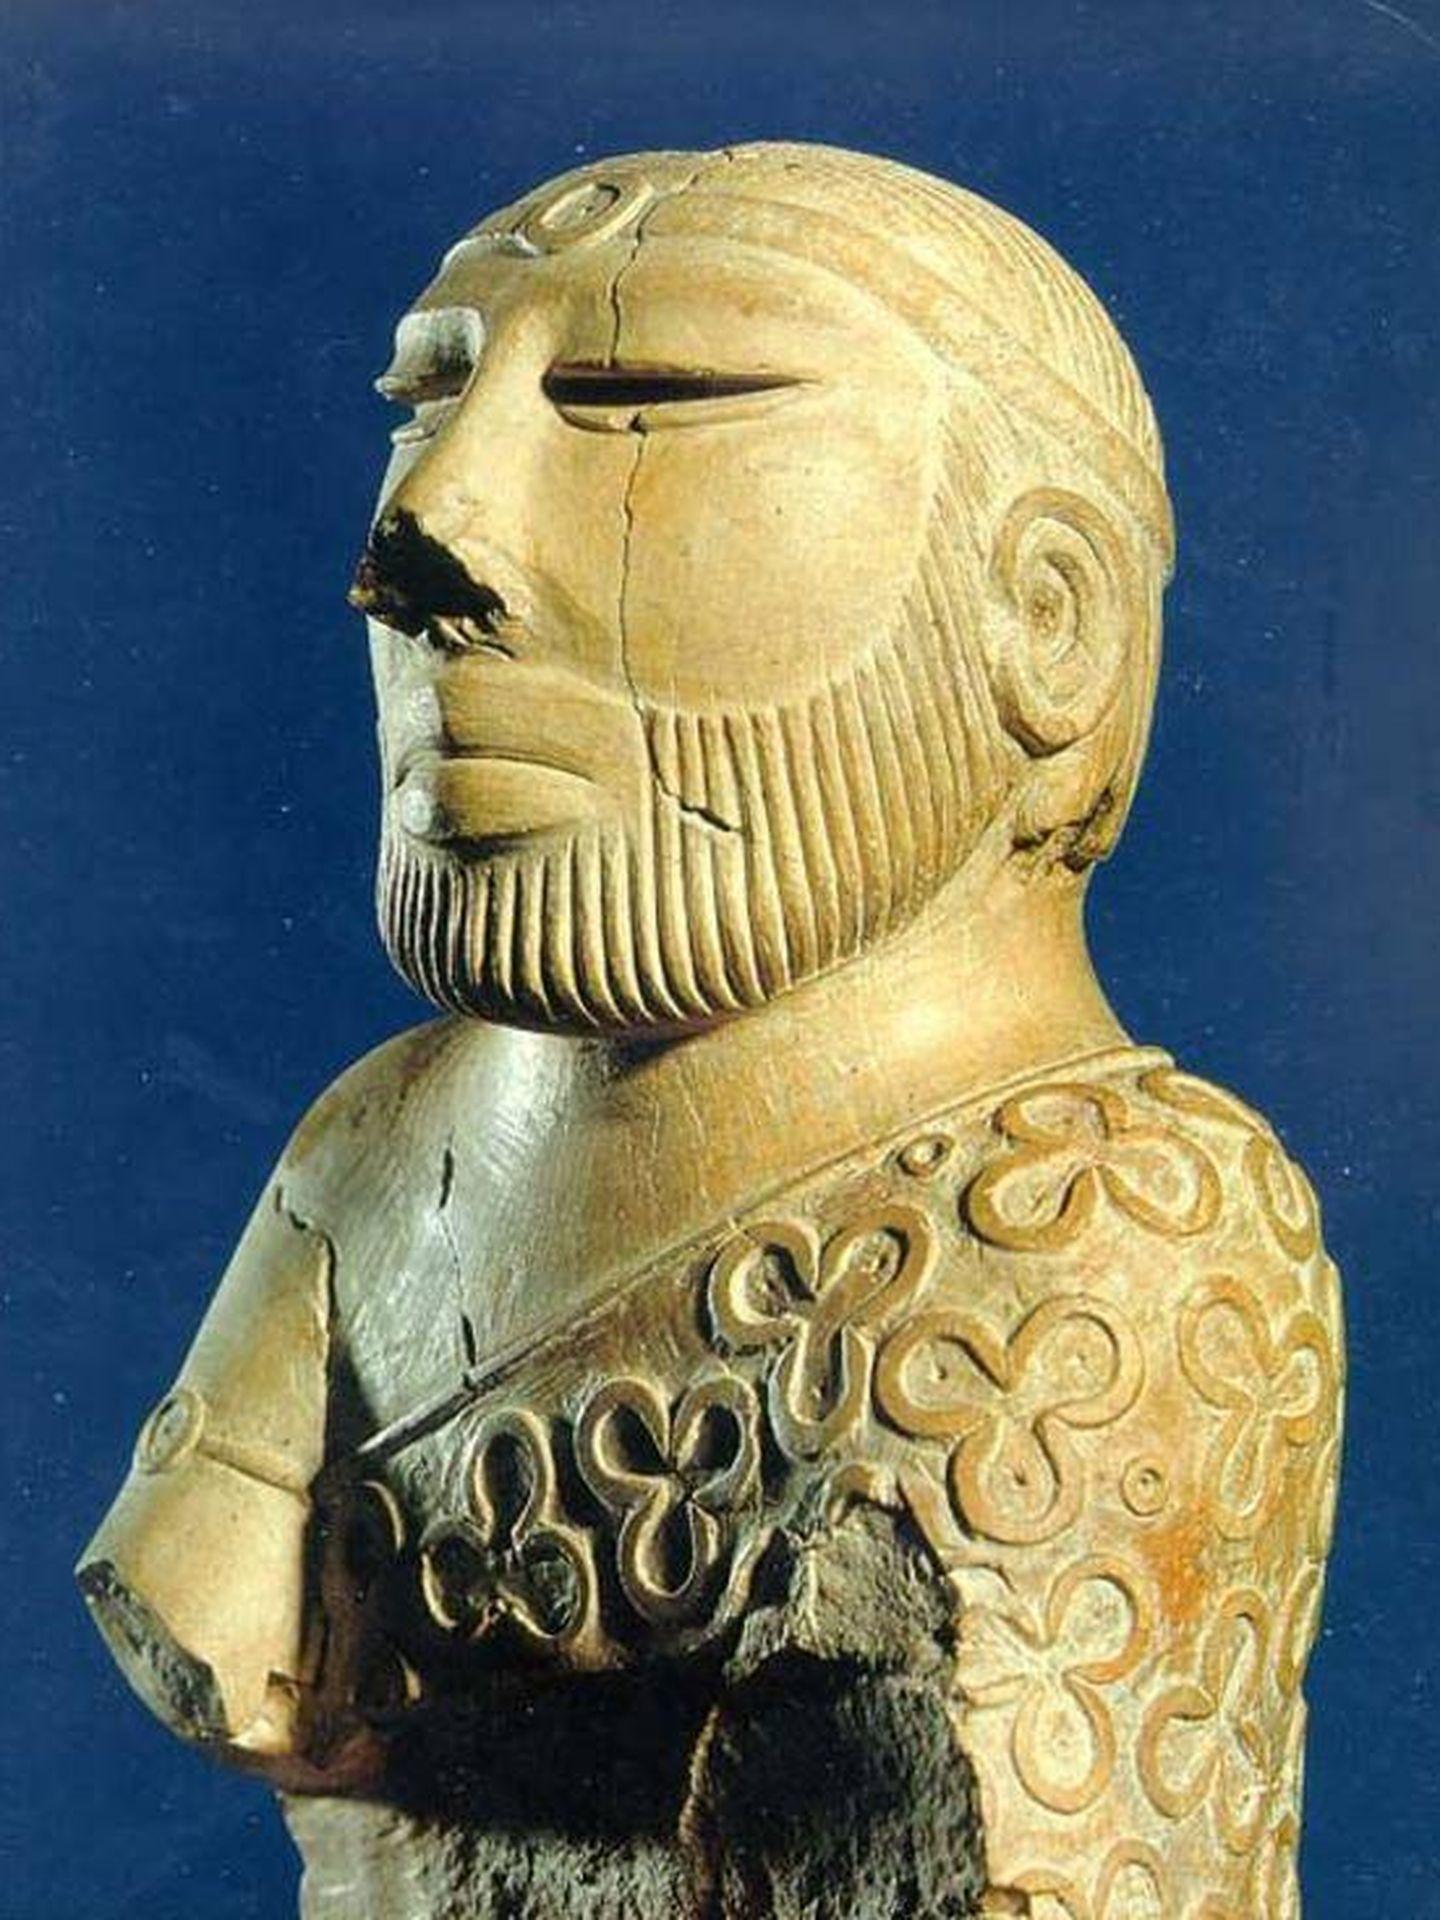 El busto del hombre encontrado en Mohenjo-daro. (CC)